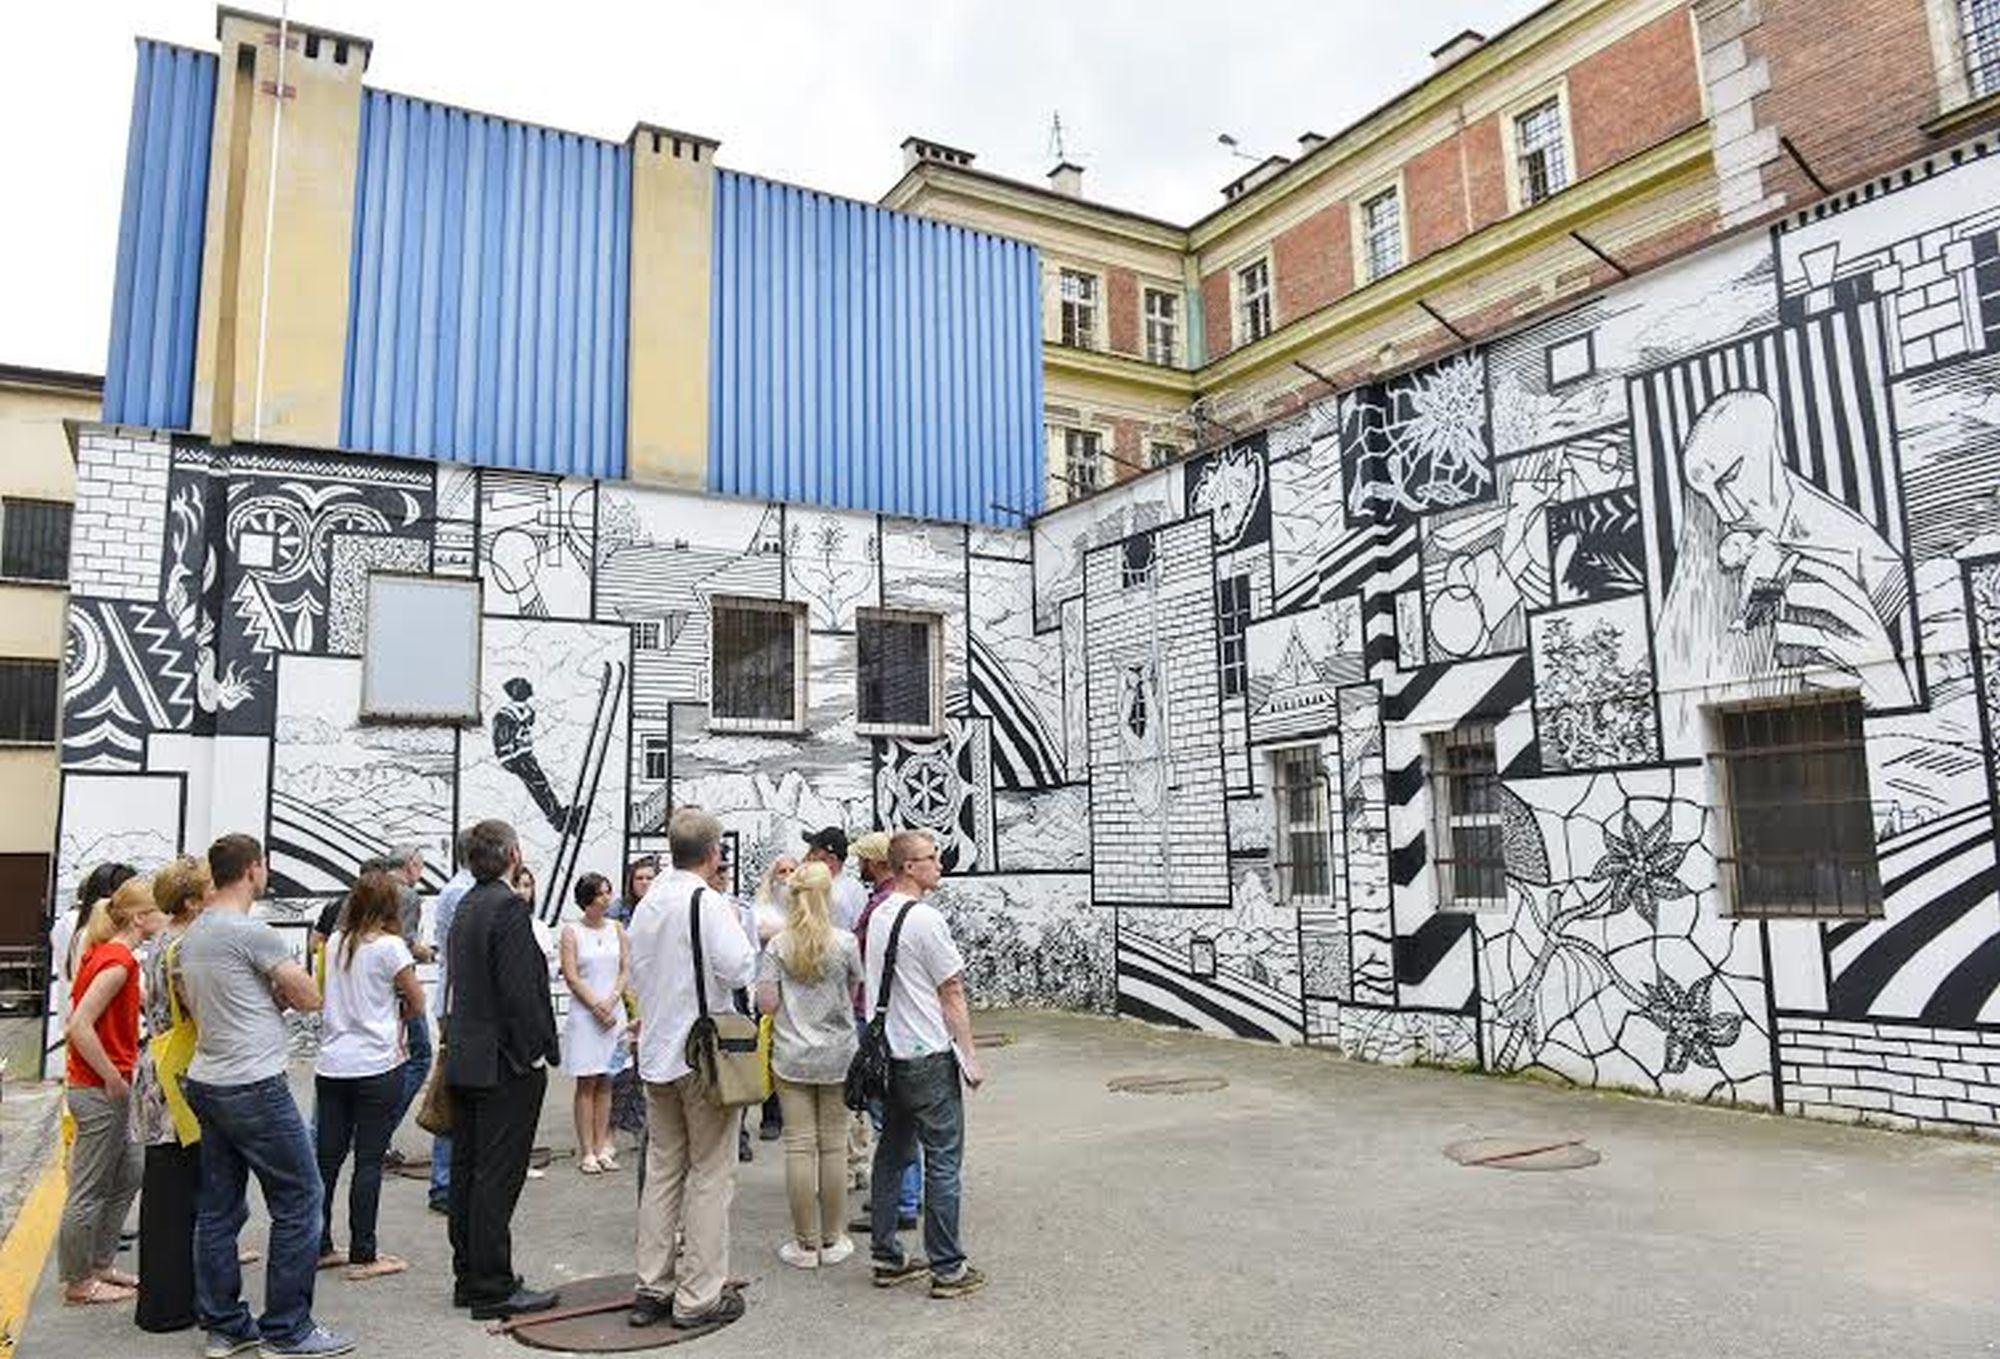 Wakacyjne spotkania ze sztuką street artu (źródło: materiały prasowe)